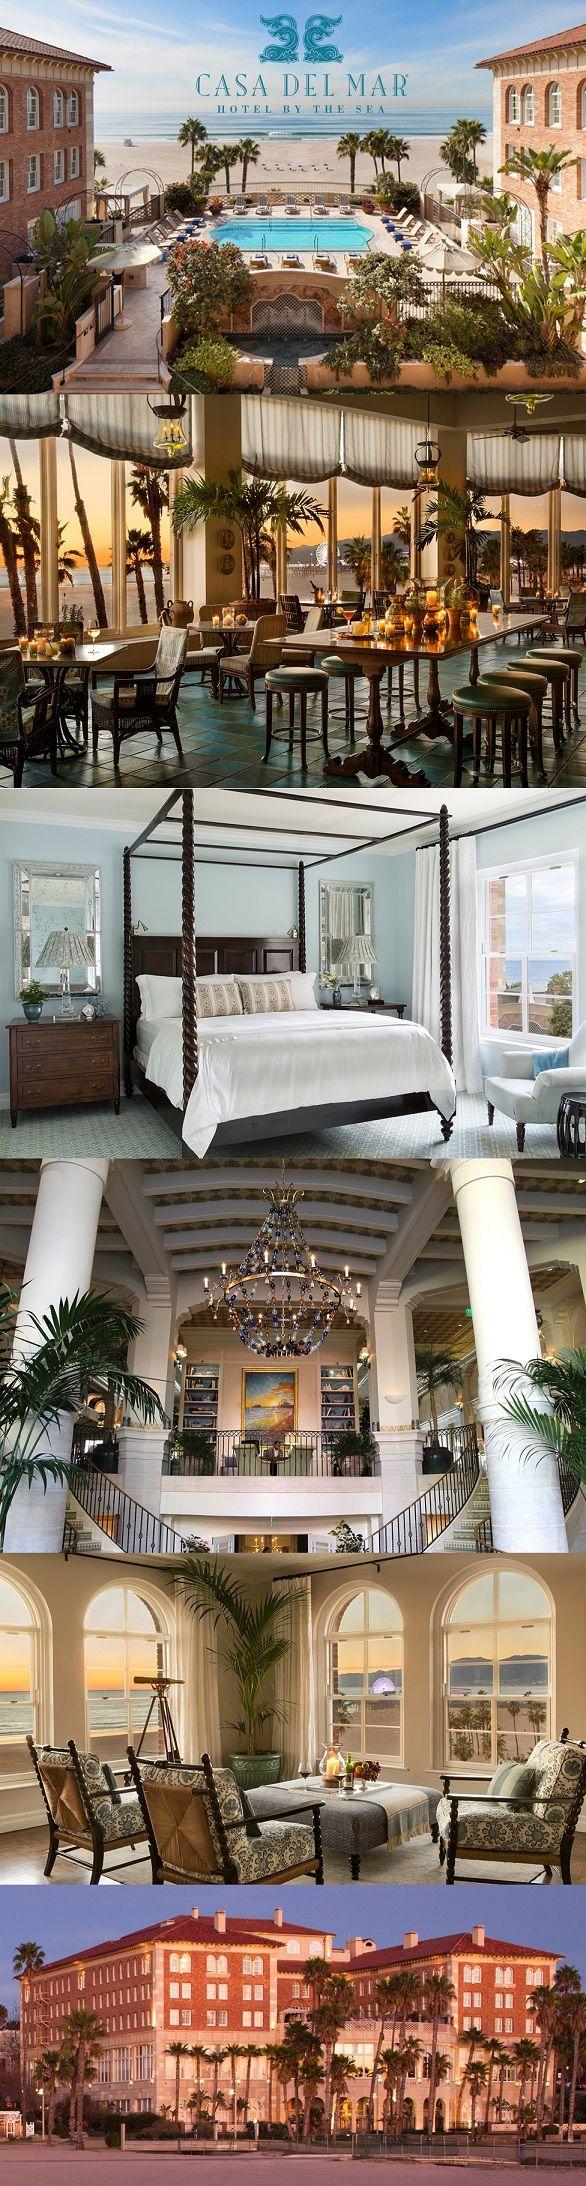 Boutique luxury hotel casa del mar in santa monica california a member of the